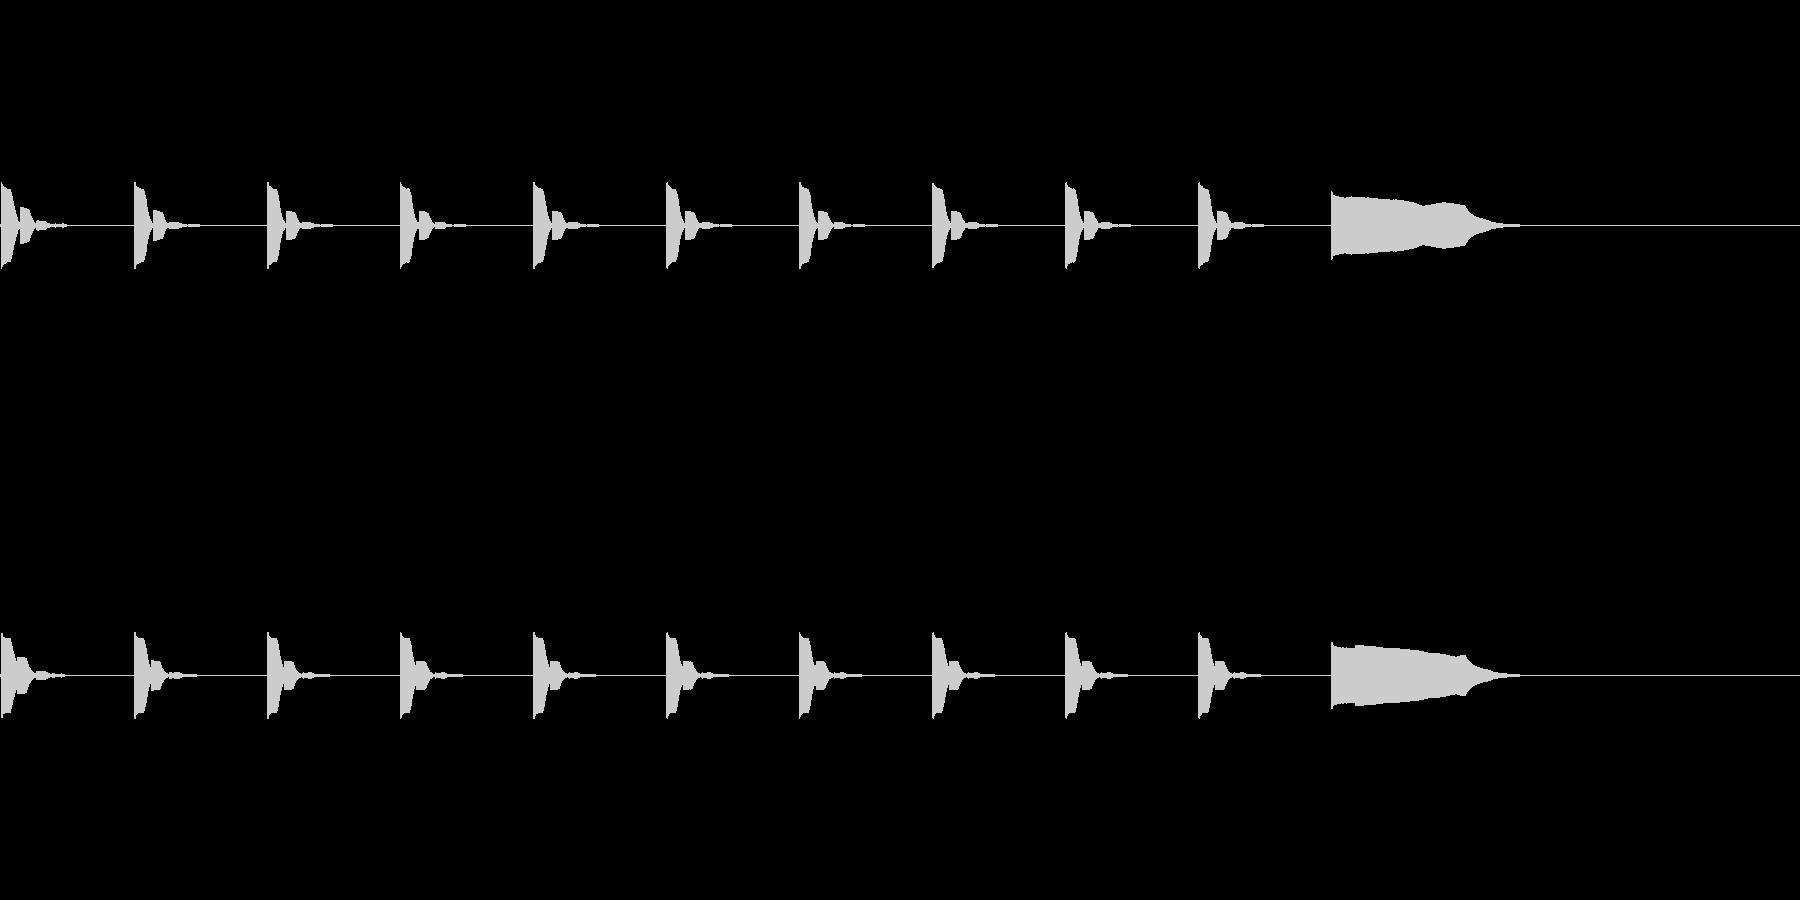 【カウントダウン01-4】の未再生の波形